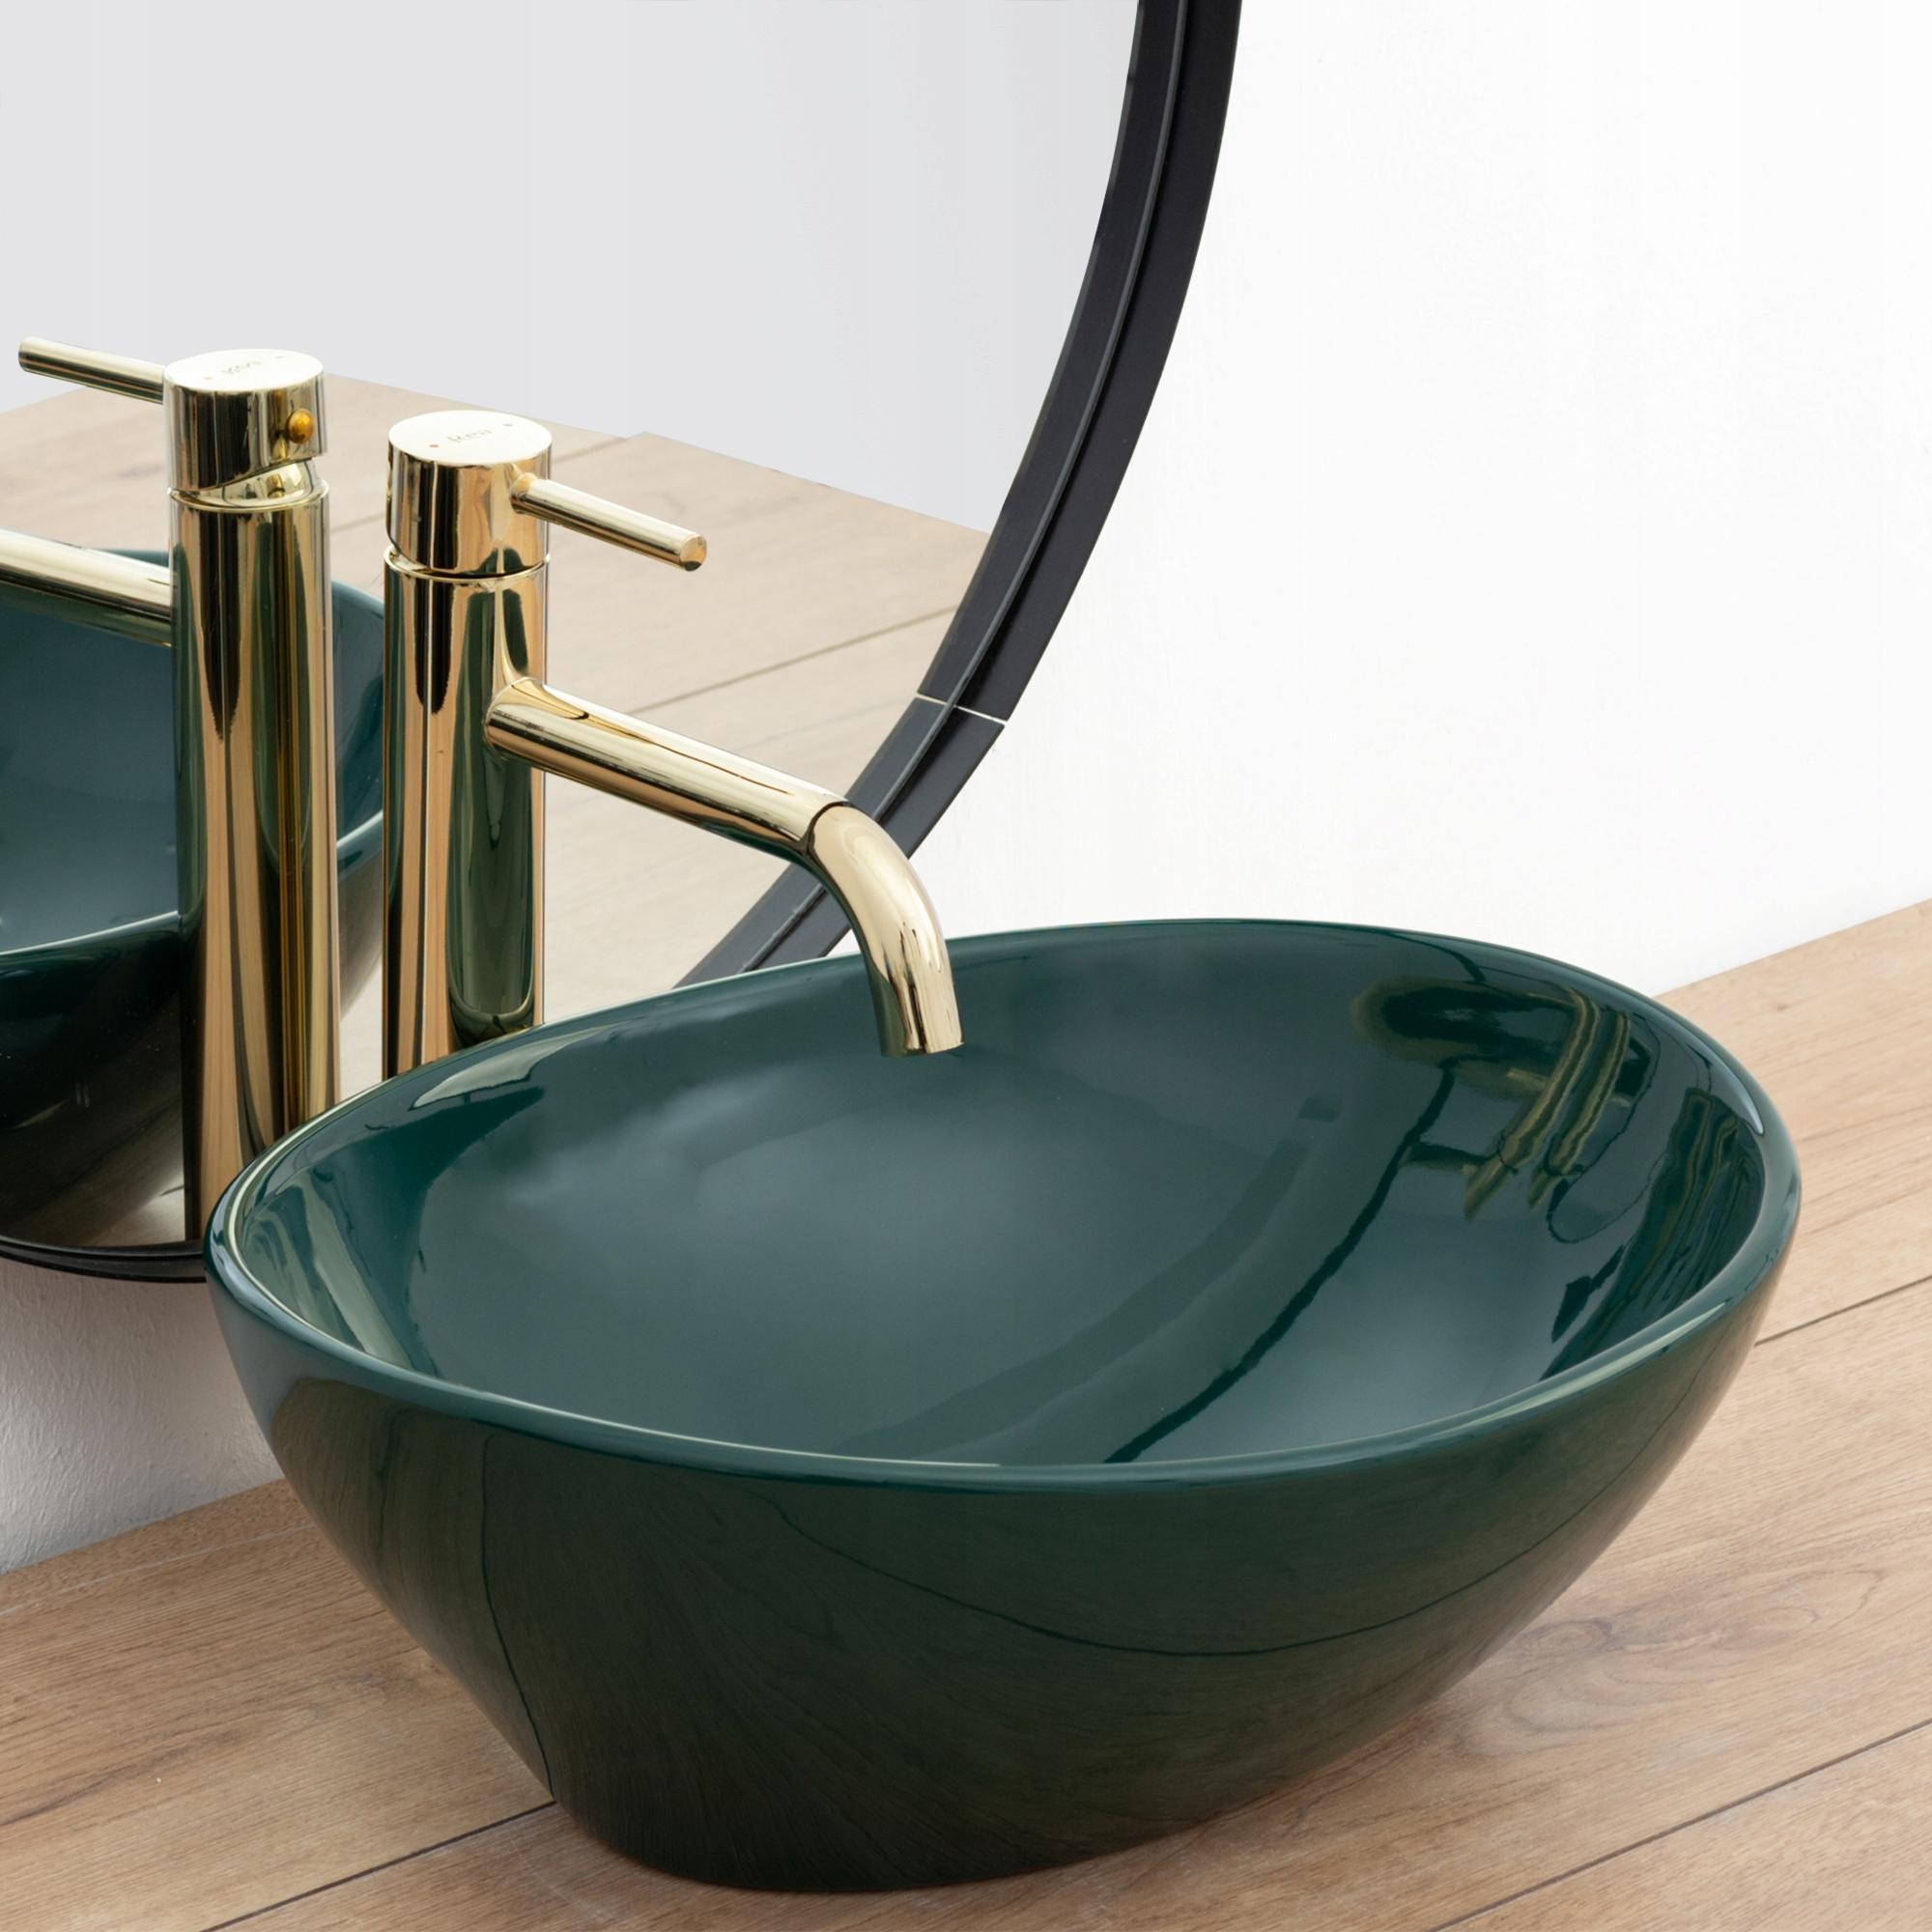 ЗЕЛЕНИЙ Овальний умивальник для стільниці REA SOFIA GREEN Зелений колір